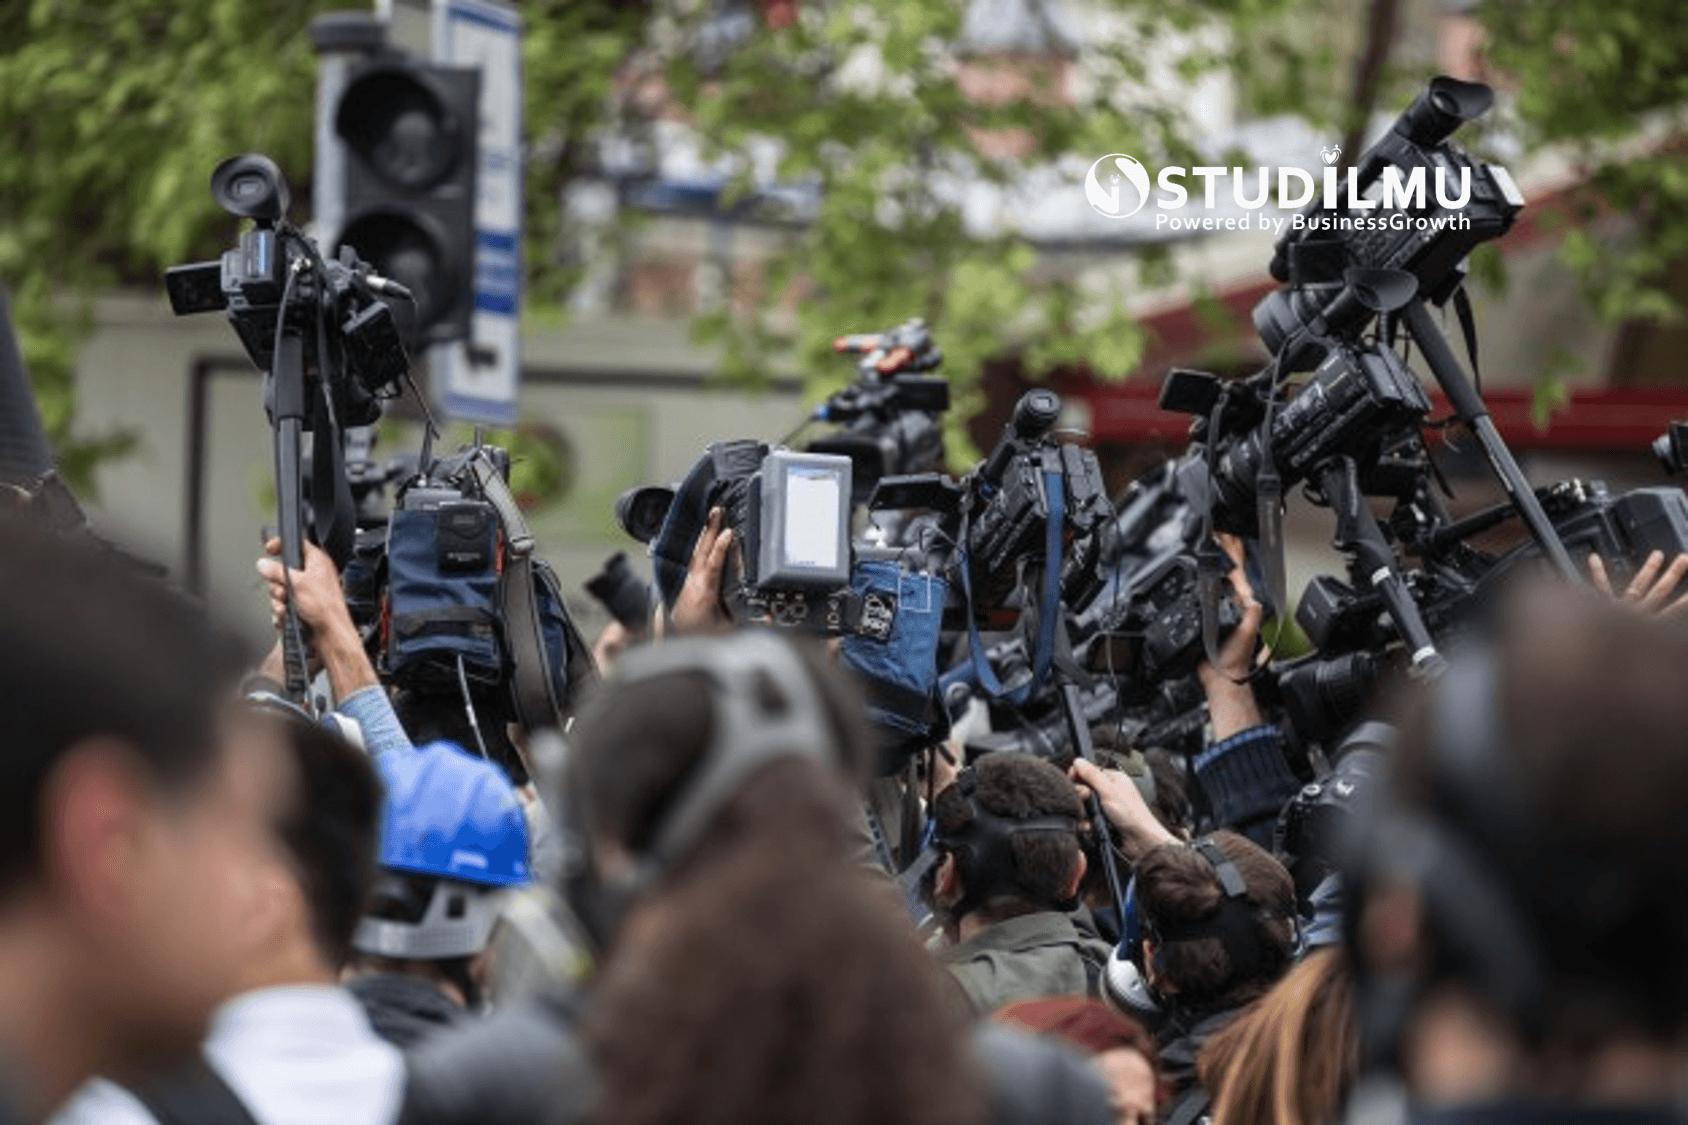 STUDILMU Career Advice - Pembahasan Politik di Lingkungan Kerja